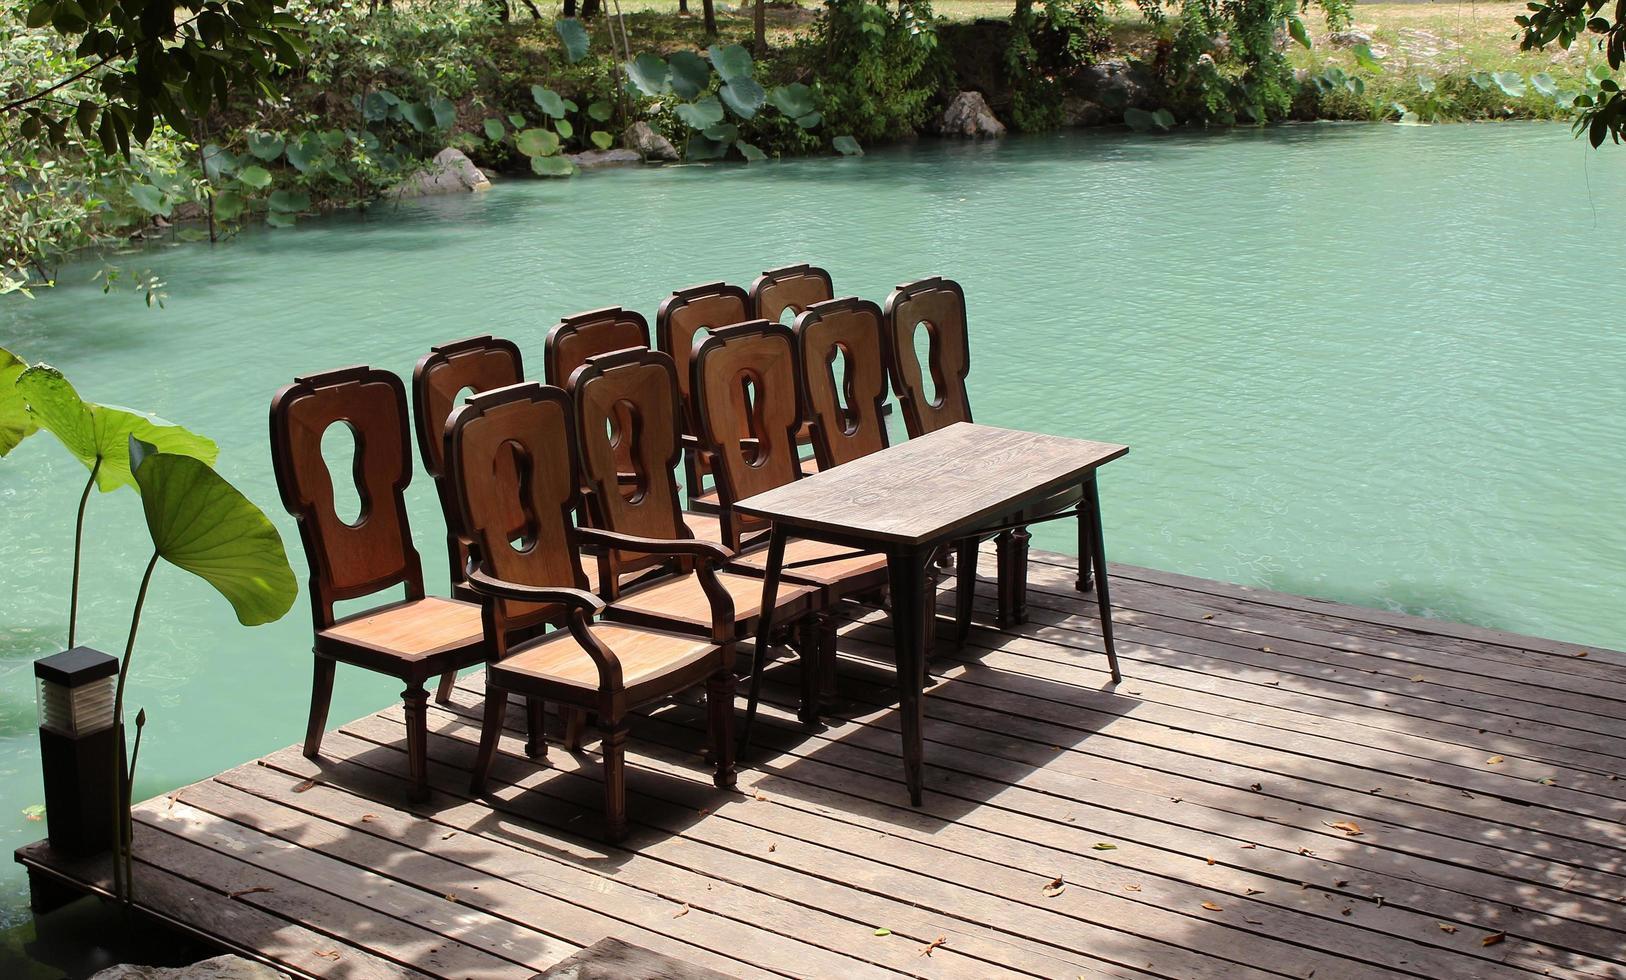 ensemble de chaises et table sur un quai photo